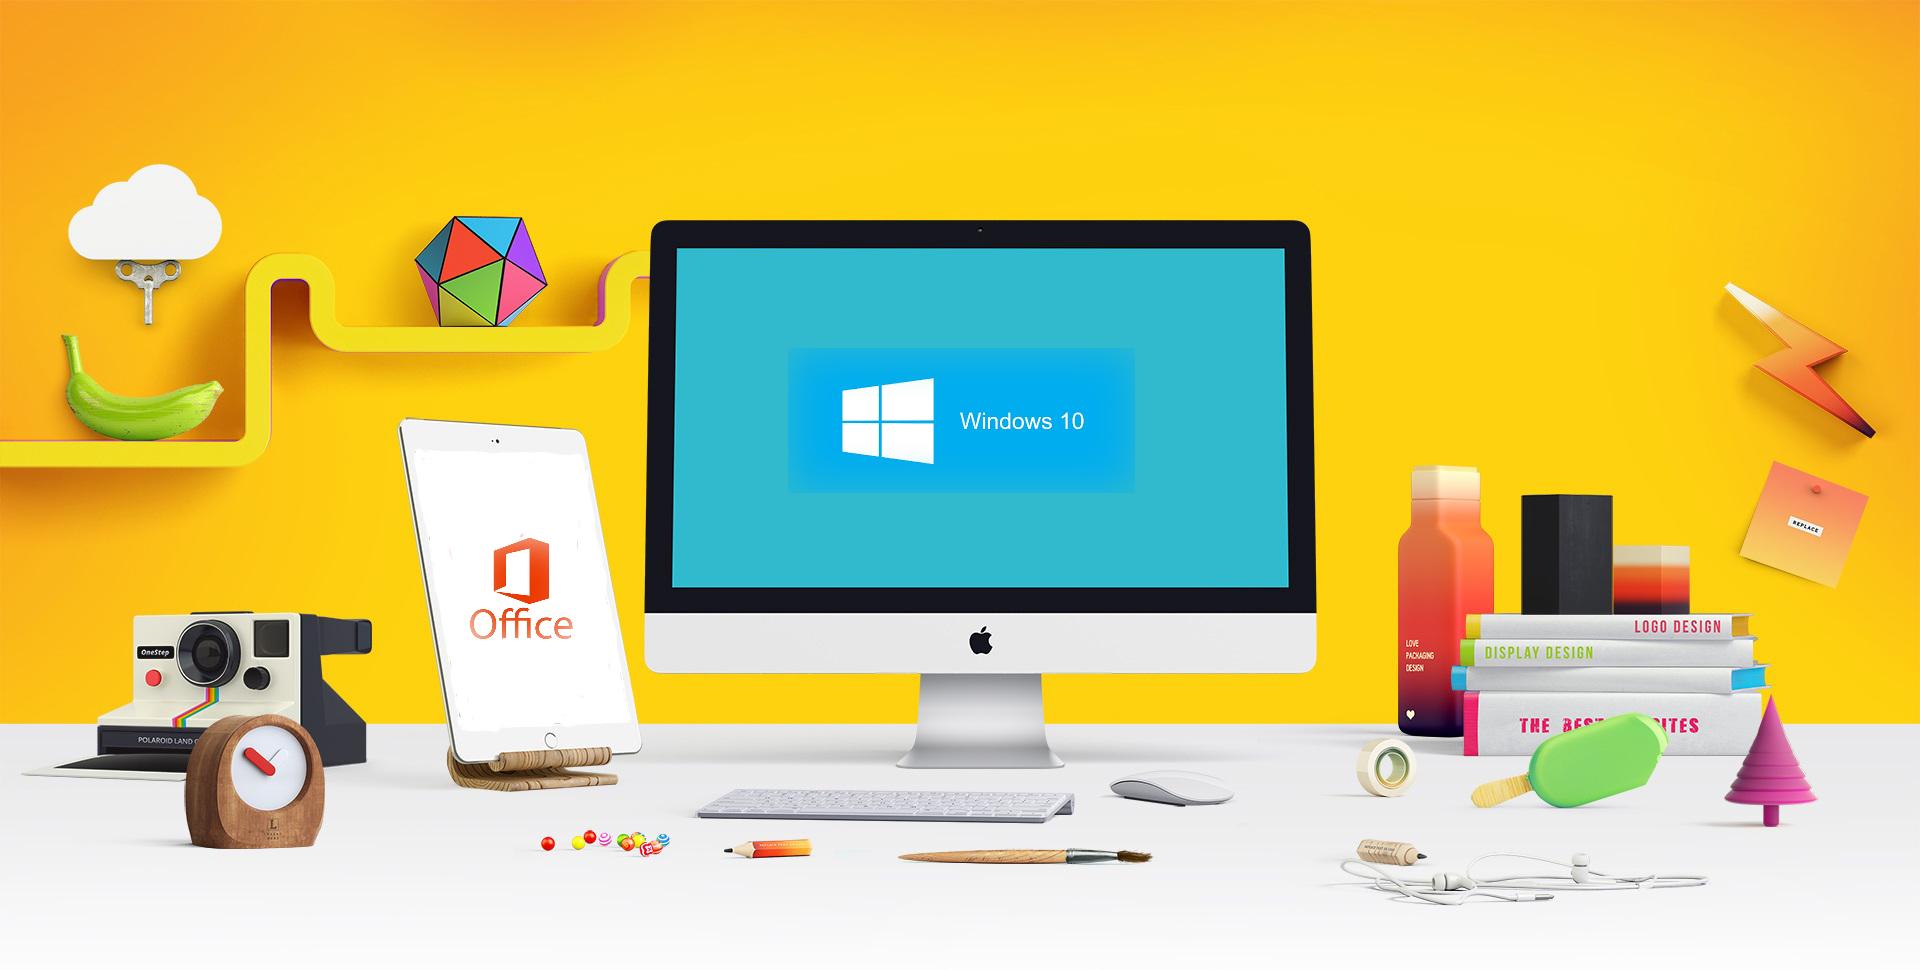 Desideri conoscere le basi dell'informatica e lcome utilizzare i software più commerciali? Partecipa al Corso Operatore PC a caserta